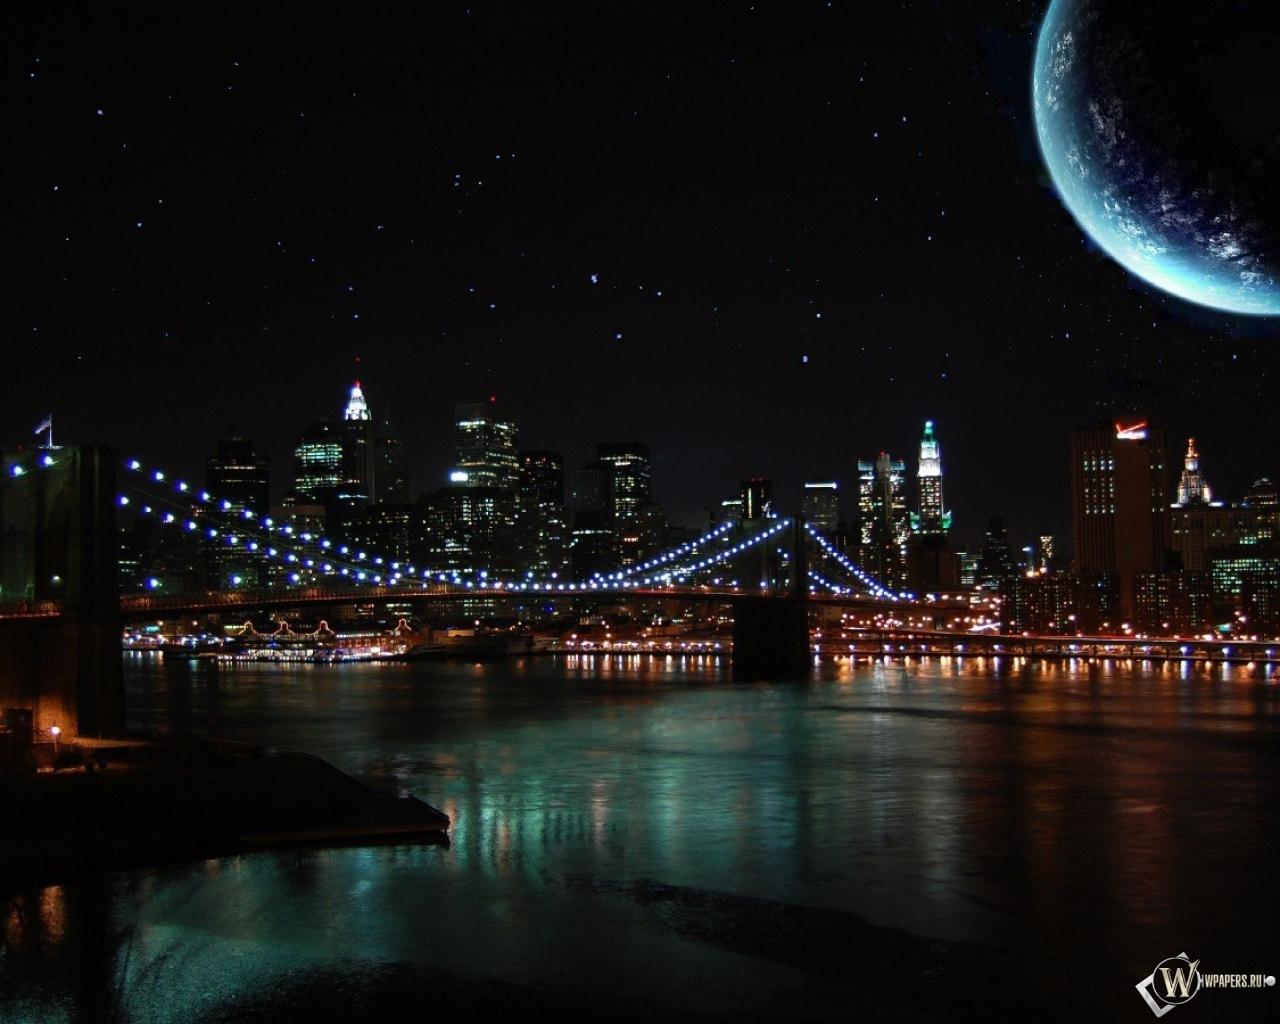 Город ночь небо  № 3705638 бесплатно